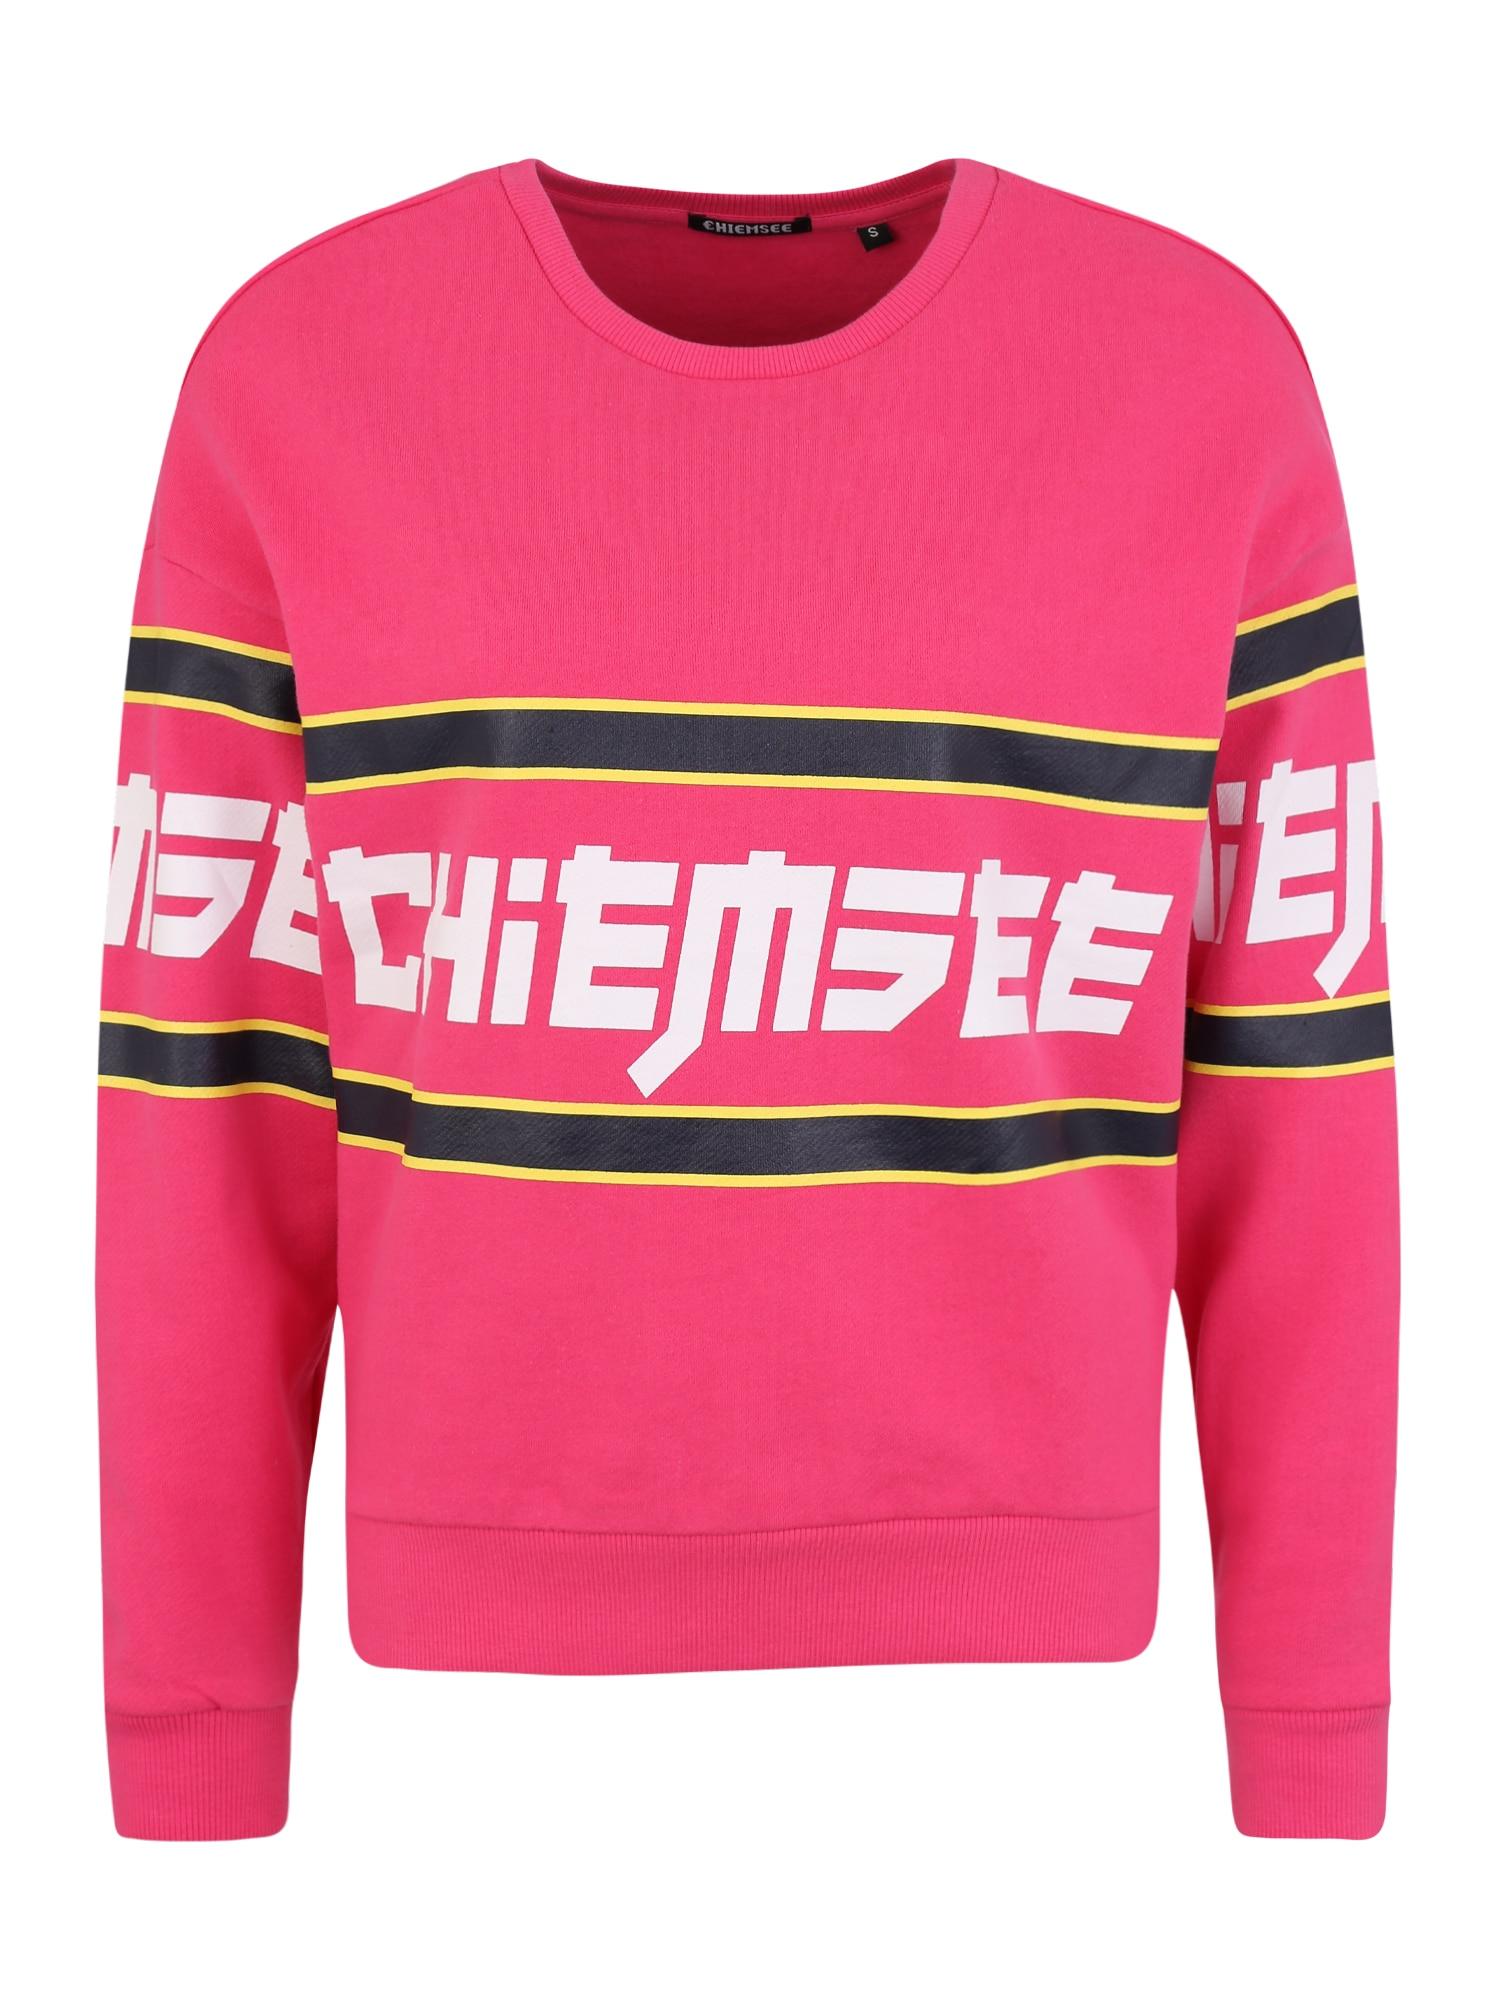 CHIEMSEE Sportinio tipo megztinis rausvai raudona